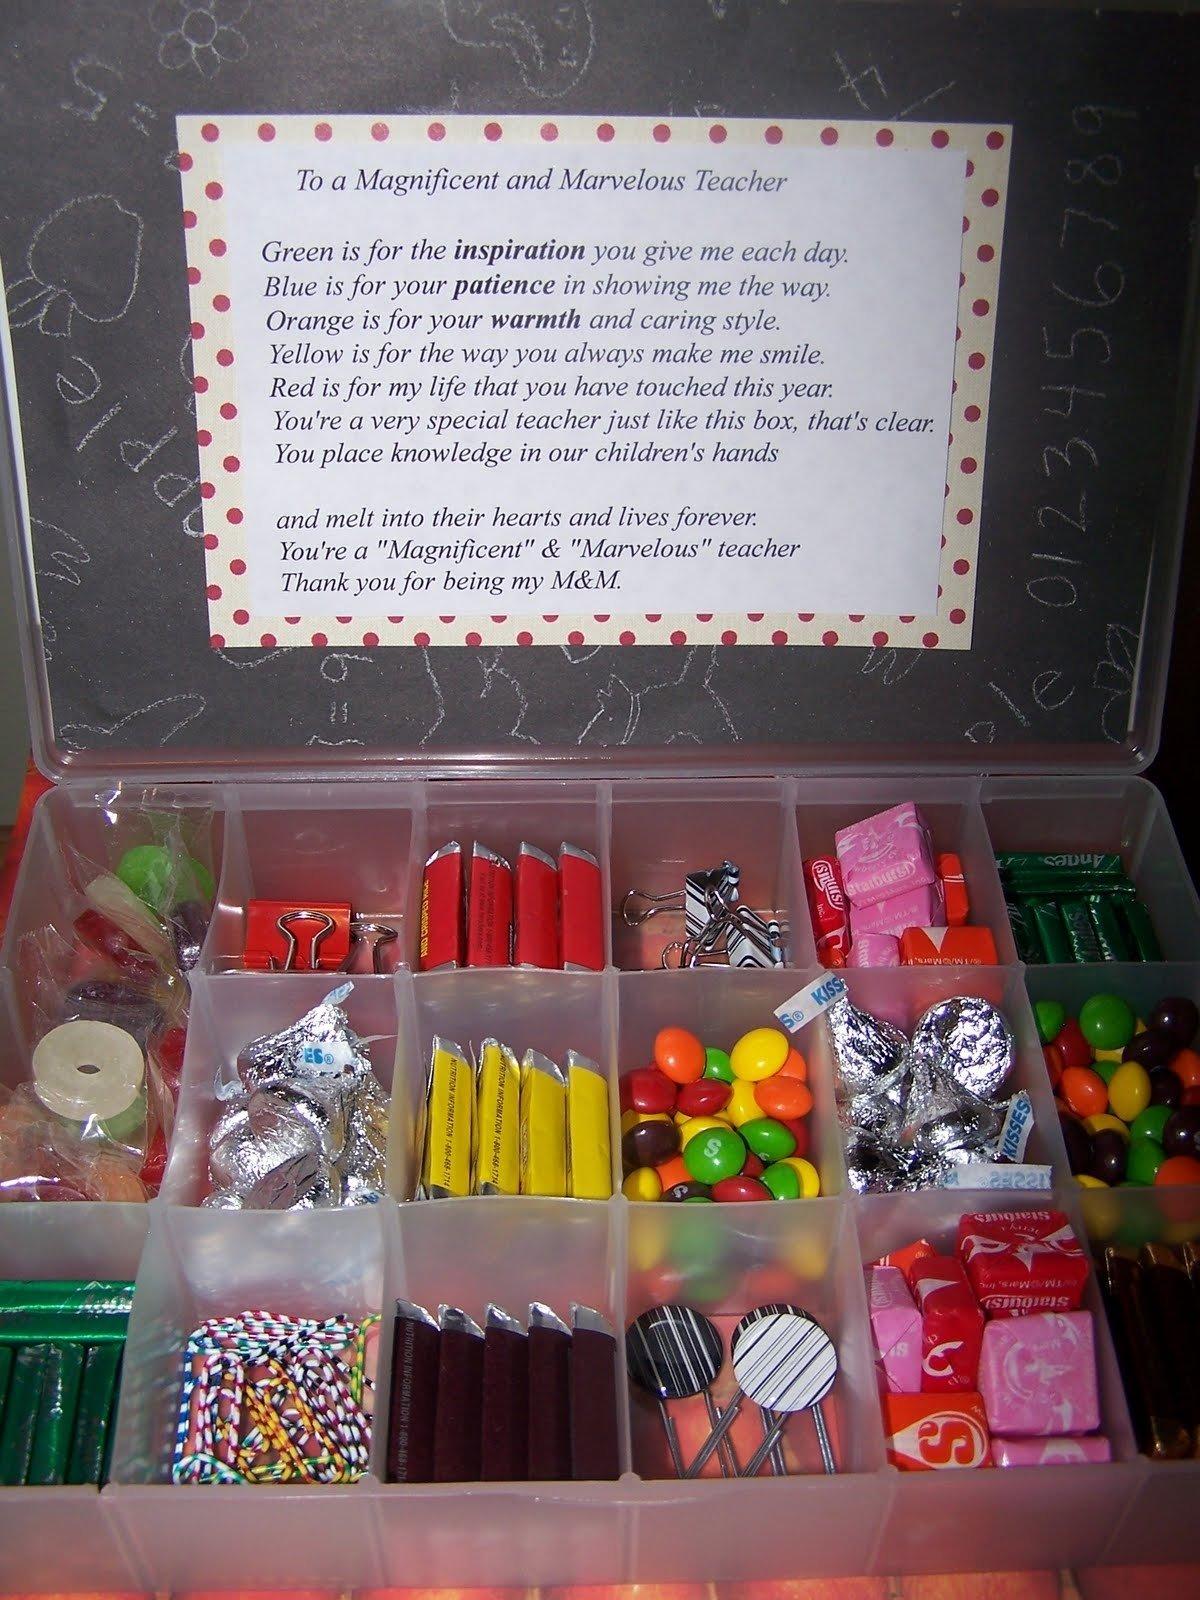 gift ideas for boyfriend: gift ideas for boyfriend to show appreciation